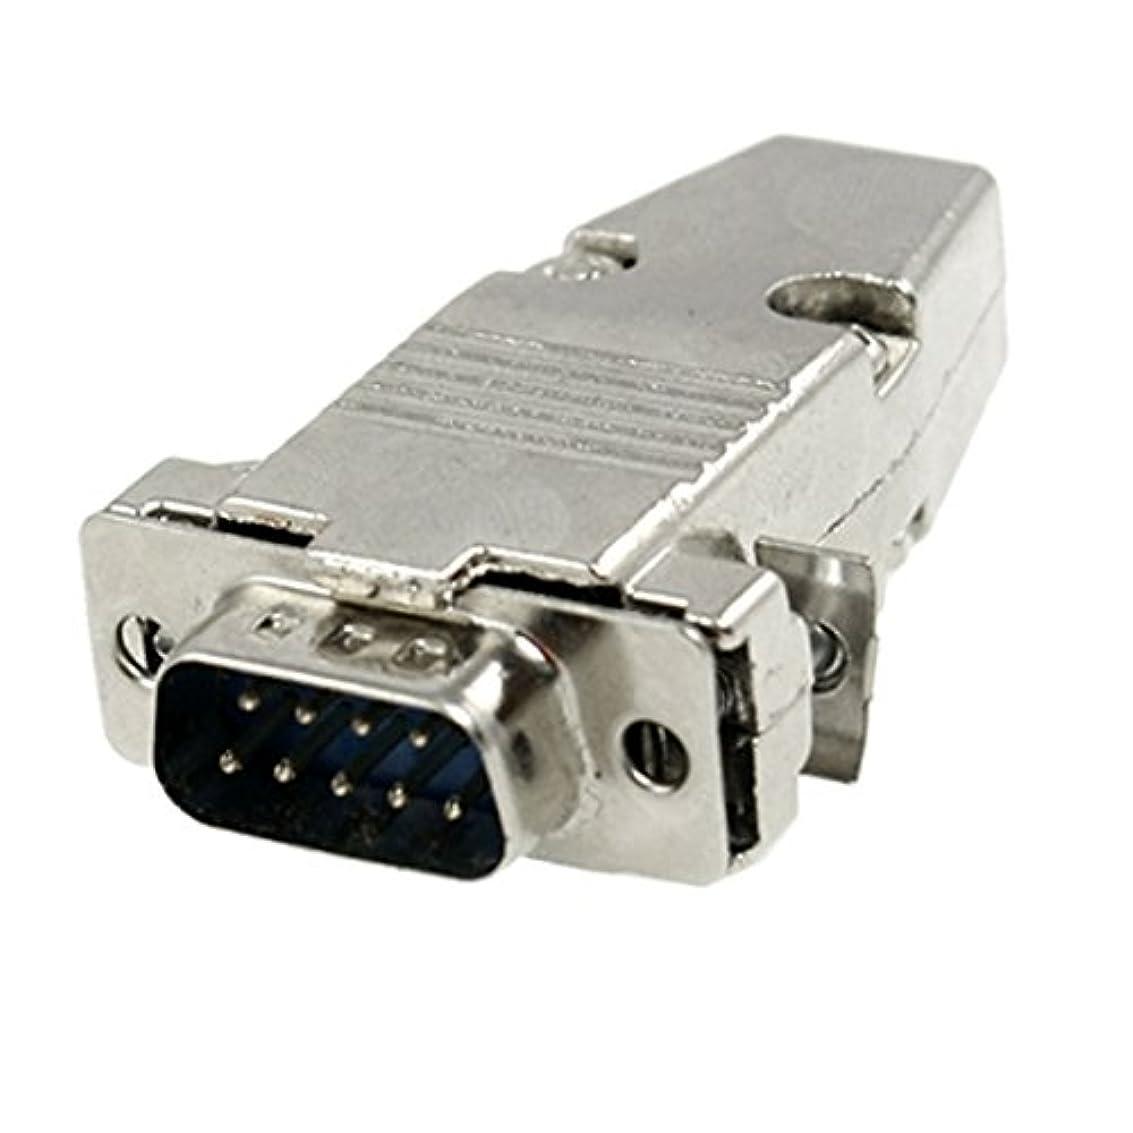 一節アスリートシリーズuxcell DB9 RS232シリアルコネクタシェル 9ピン プラグコネクタシェル メタルカバー